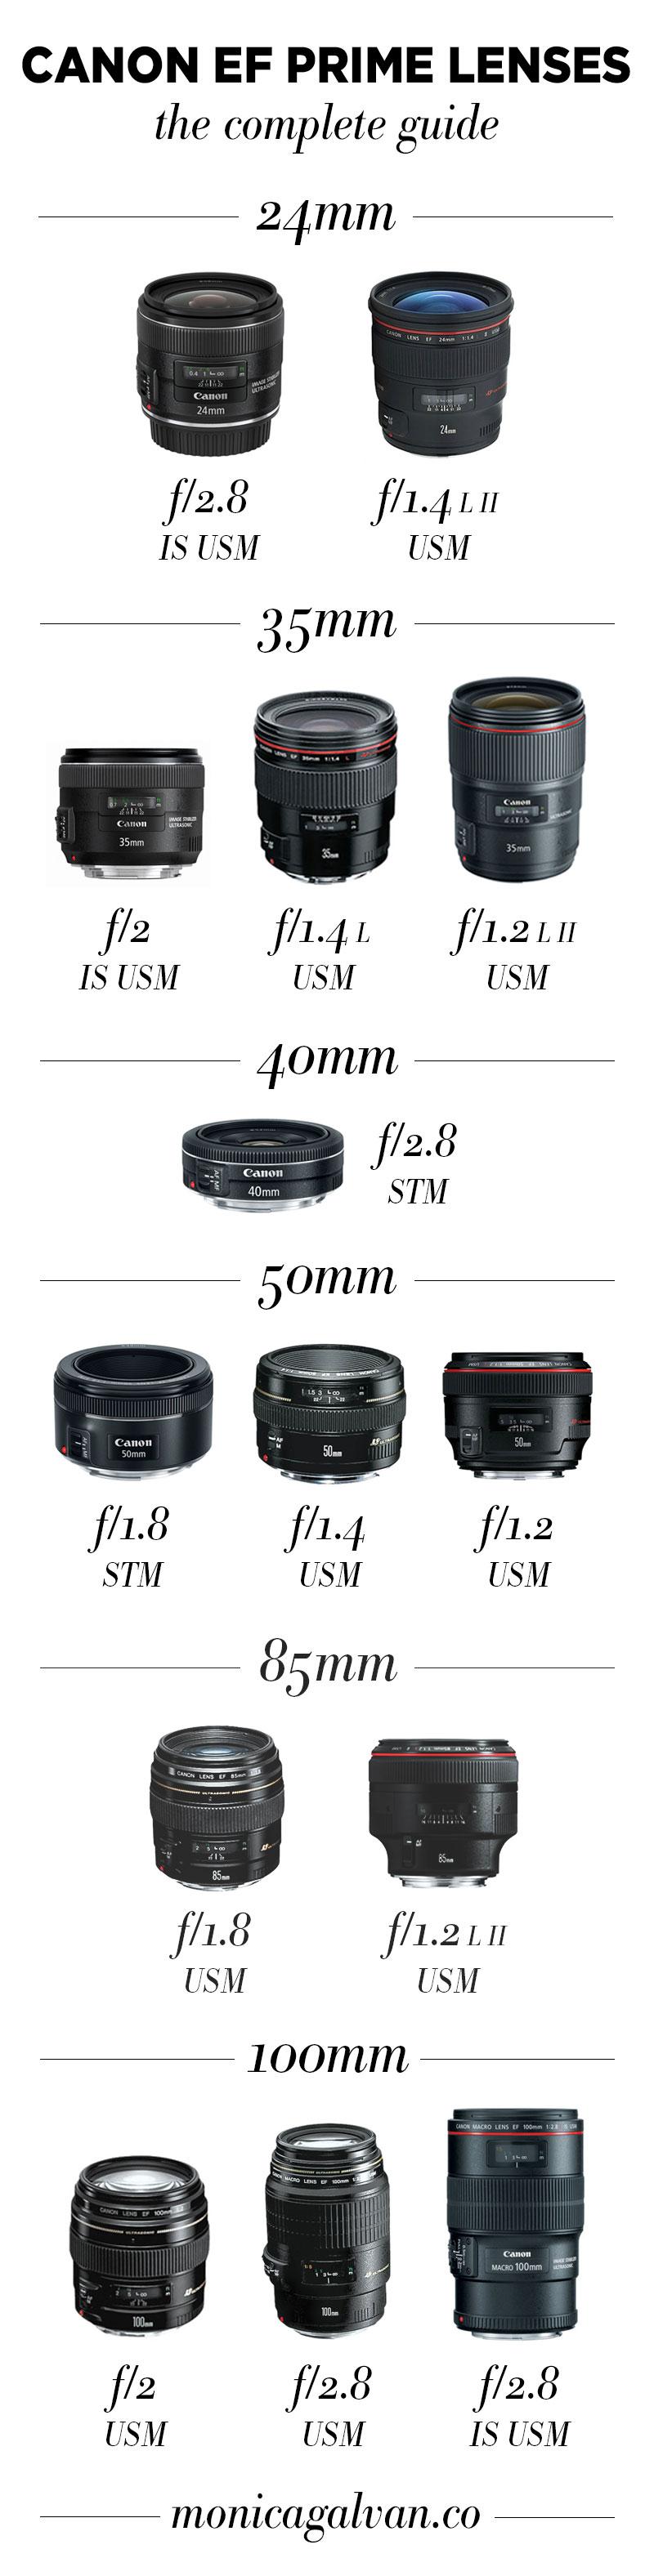 Canon prime lenses guide